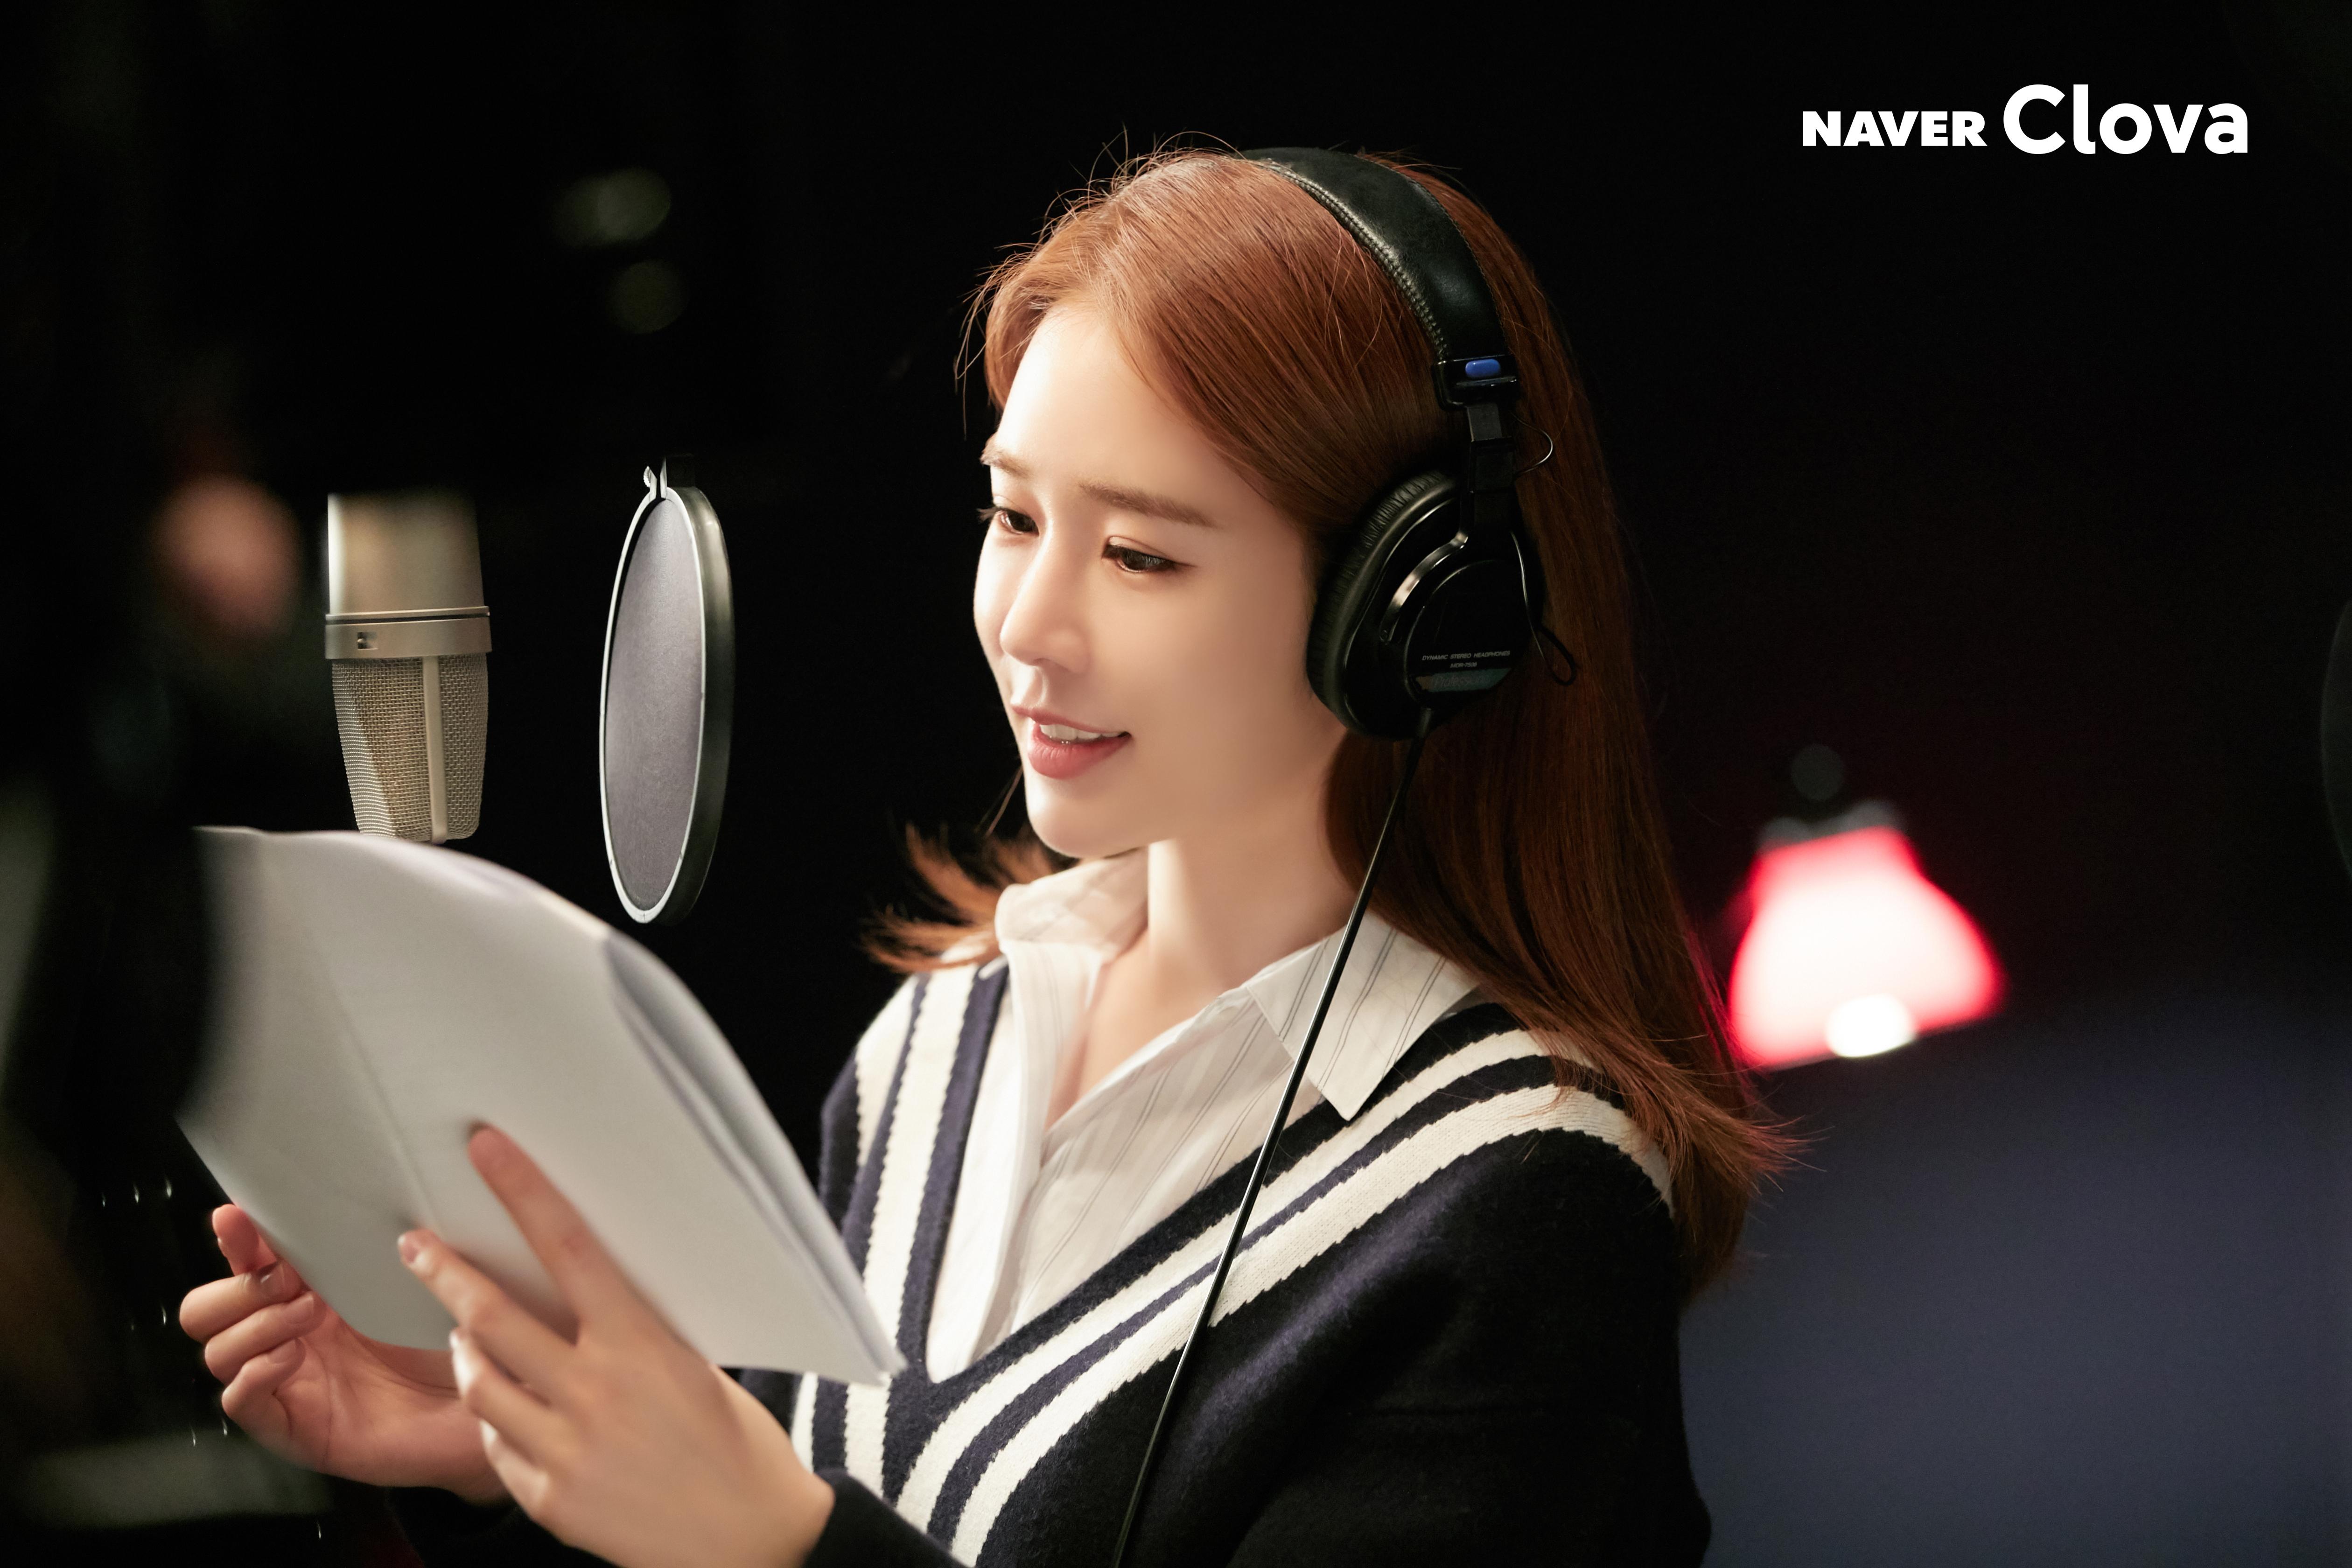 네이버 클로바(Clova), 자체 개발한 음성합성기술 활용해 배우 유인나 목소리로 서비스 제공한다